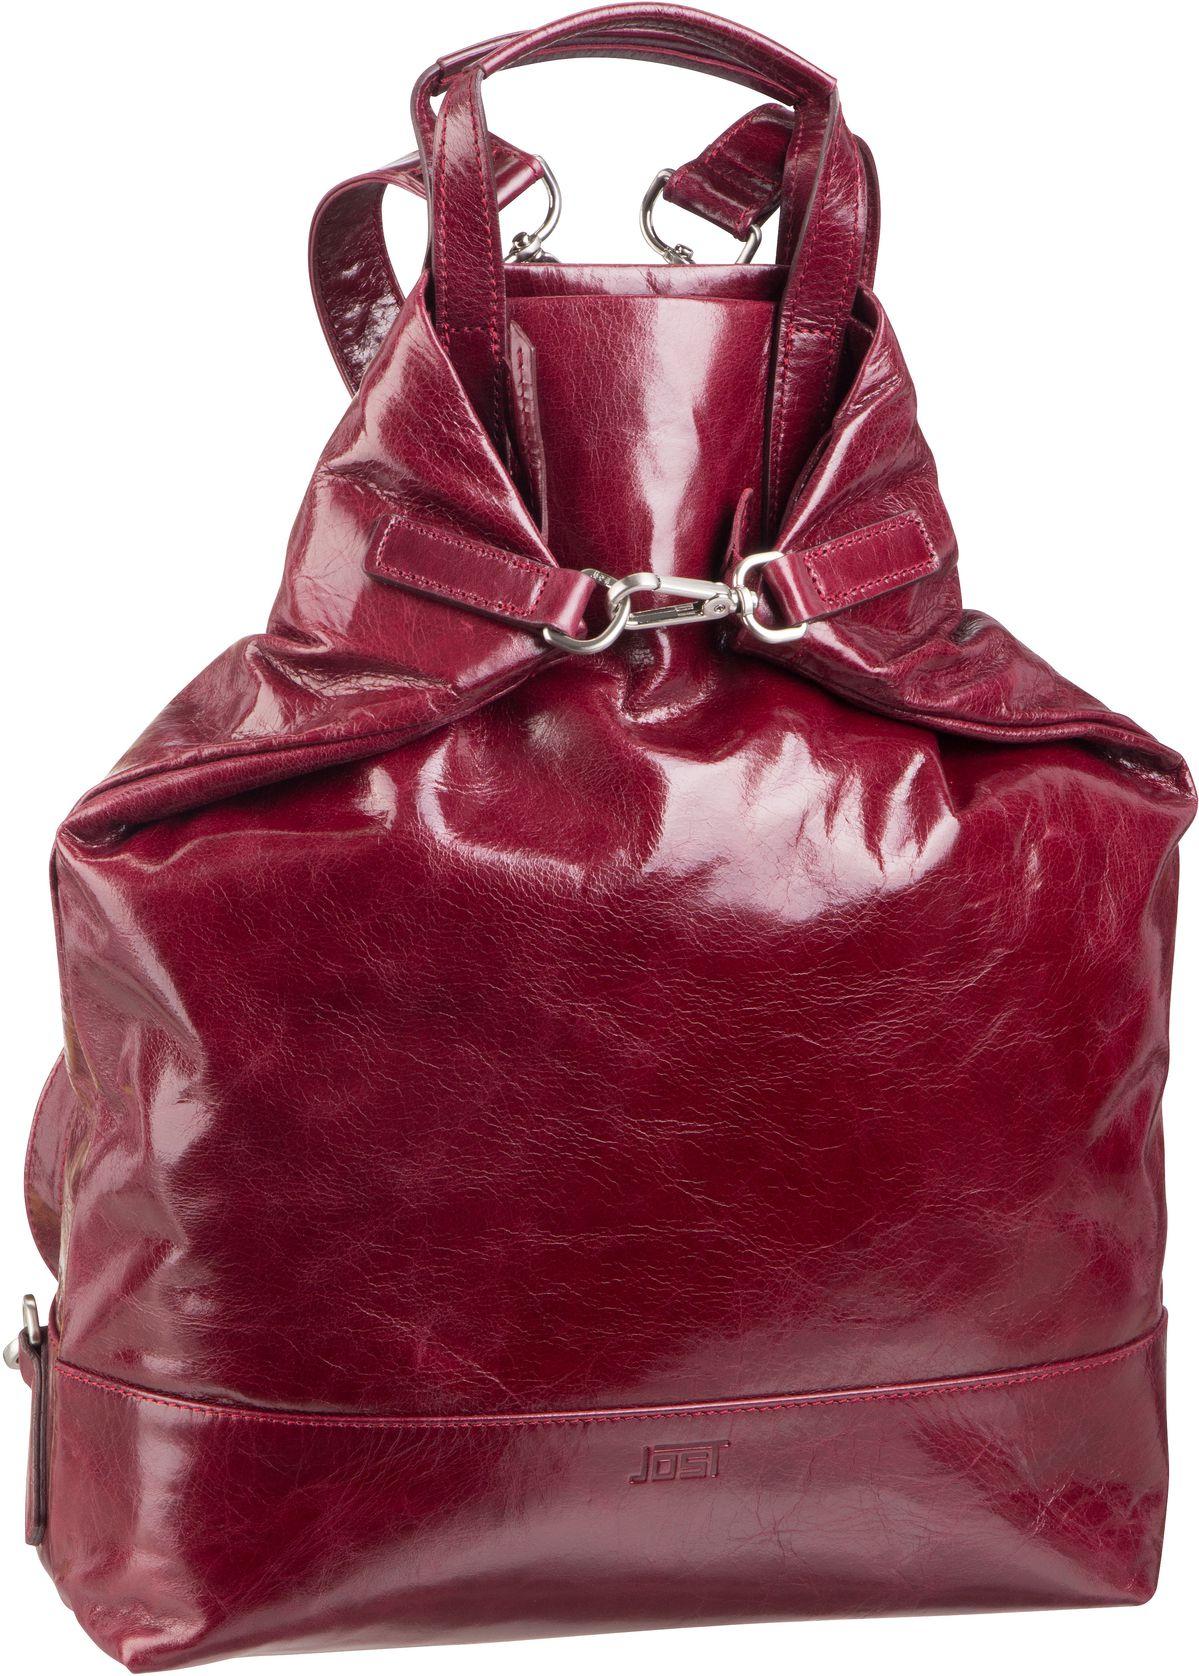 Rucksaecke - Jost Rucksack Daypack Boda 6632 X Change Bag M Bordeaux  - Onlineshop Taschenkaufhaus